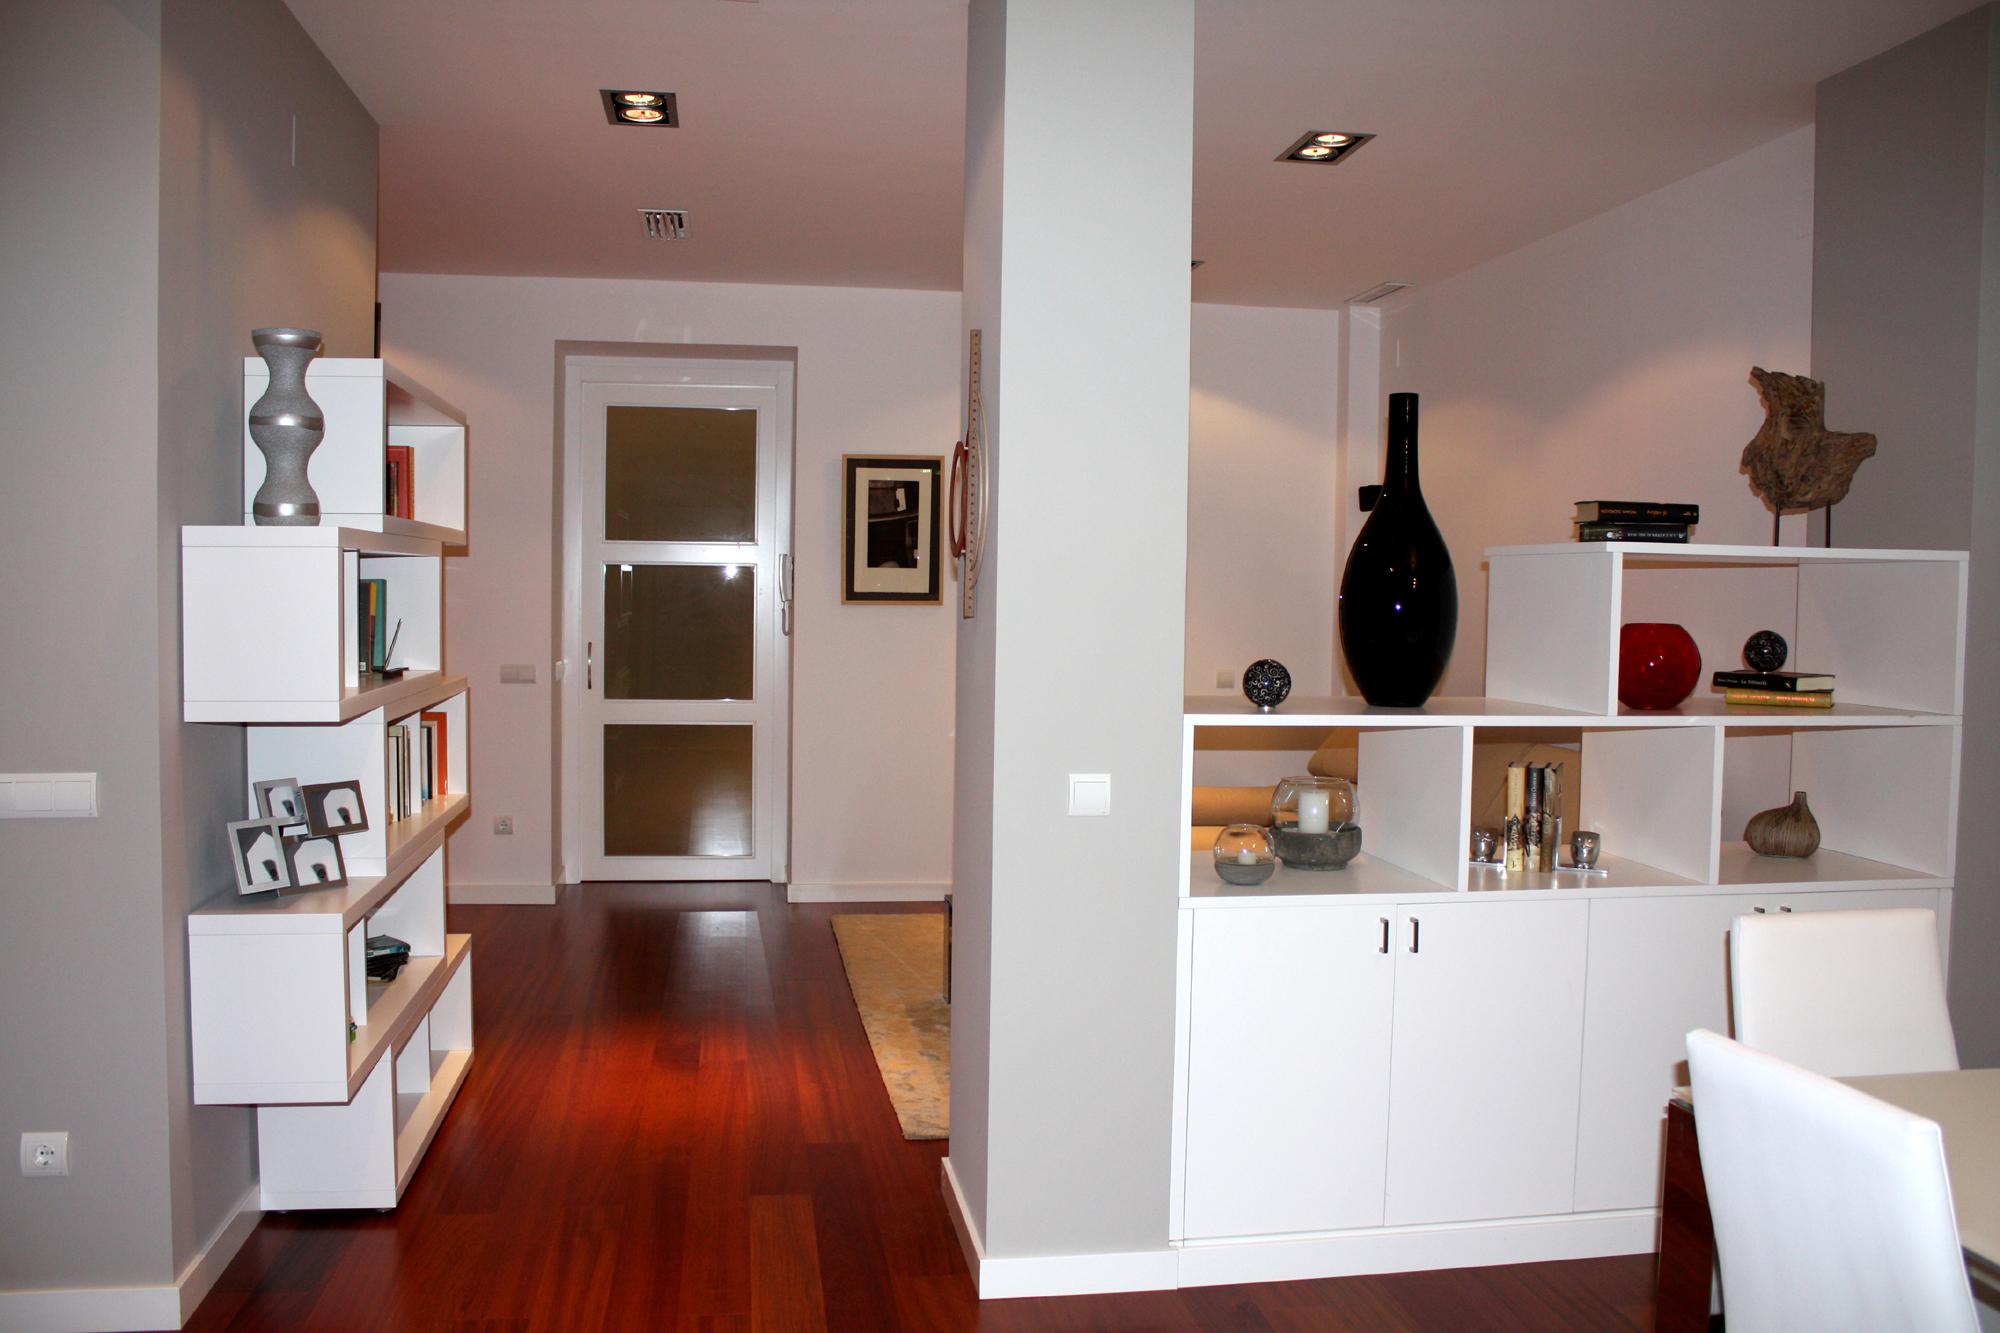 Muebles Divisorios - Vivienda En Valencia Santiago Darder Arquitecto T Cnico[mjhdah]https://www.ambar-muebles.com/media/catalog/product/cache/1/thumbnail/9df78eab33525d08d6e5fb8d27136e95/l/i/librero-curvo-nogal-cosme-ambar-muebles.jpg